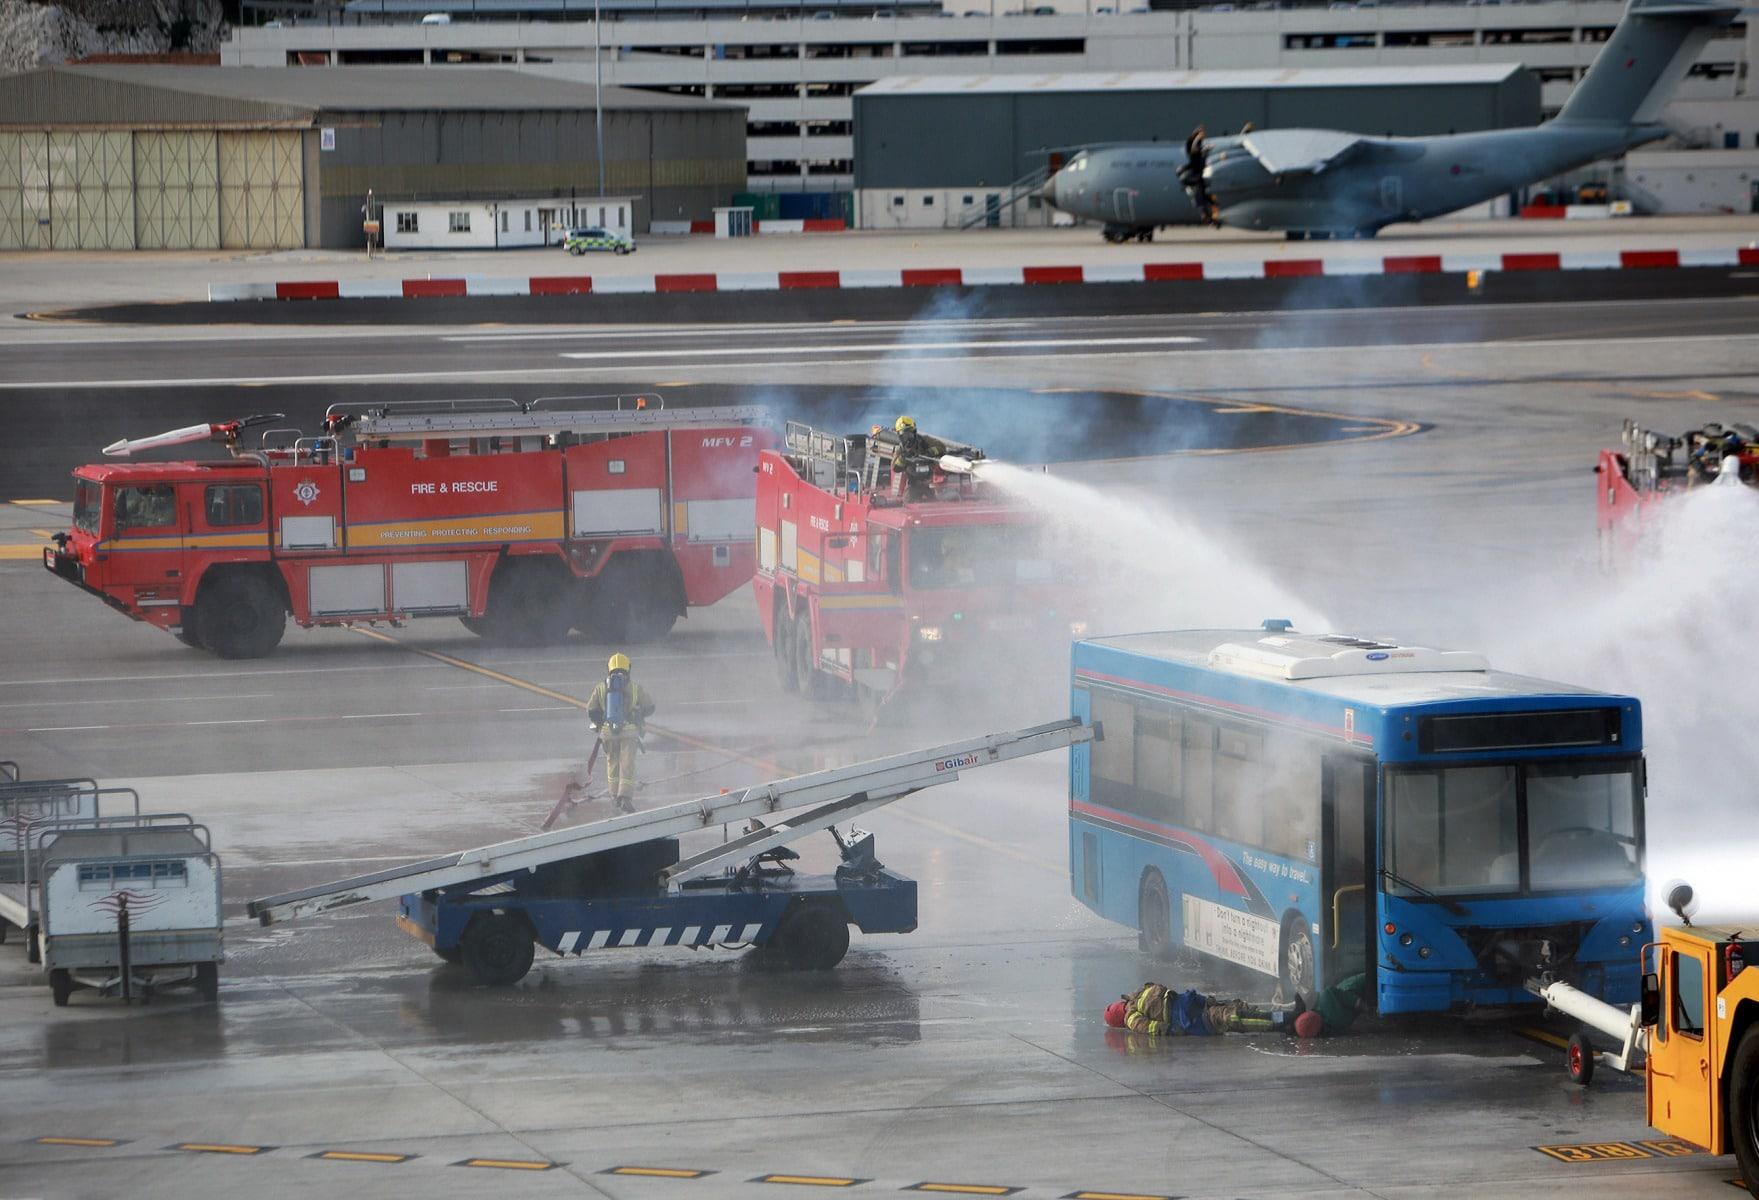 09-feb-2016-simulacro-de-incidente-en-el-aeropuerto-de-gibraltar_24286855584_o